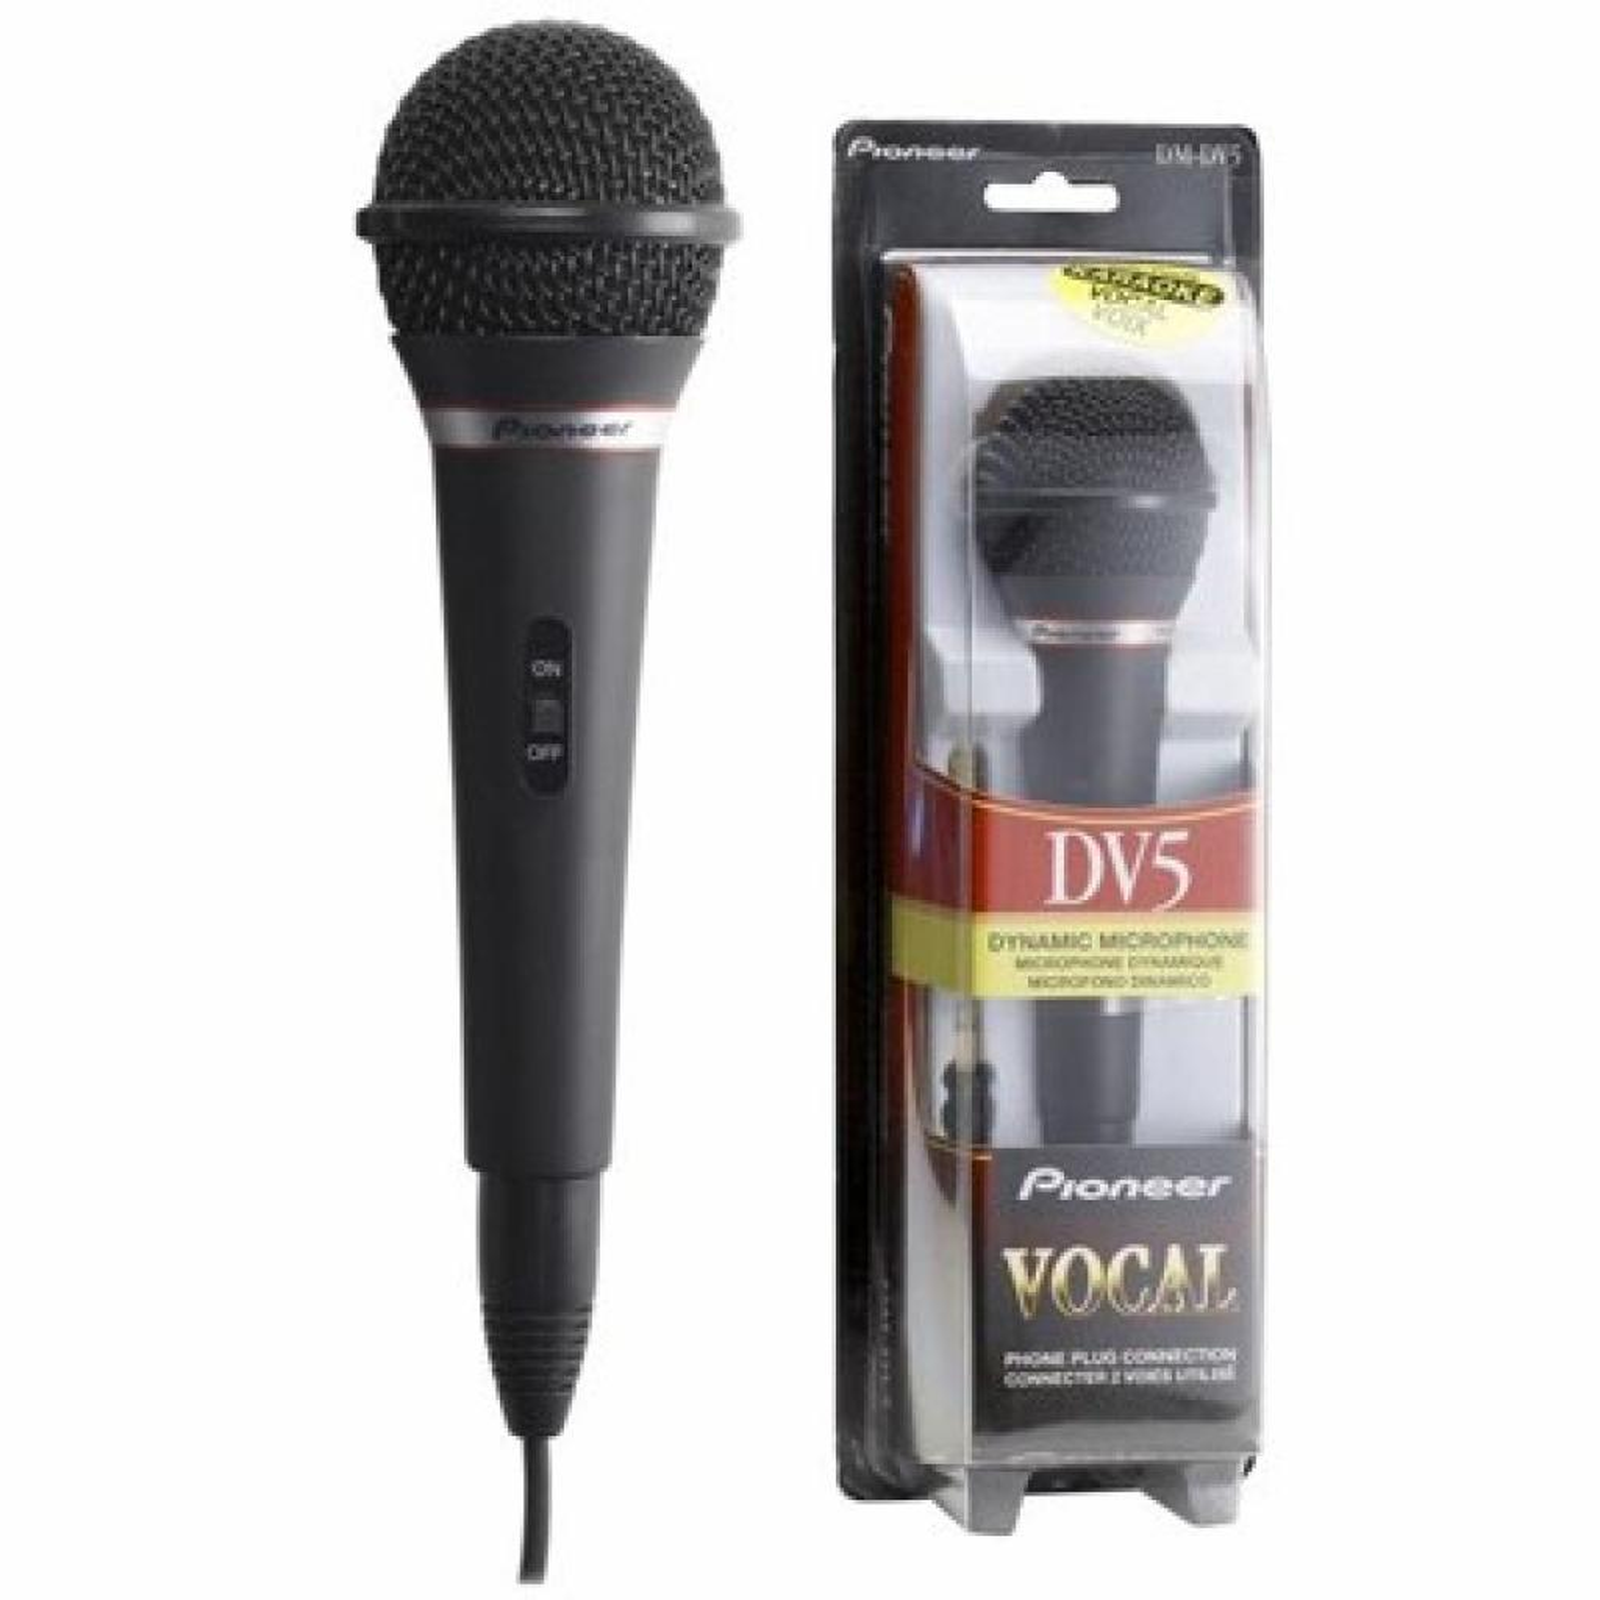 Микрофон Pioneer DM-DV5